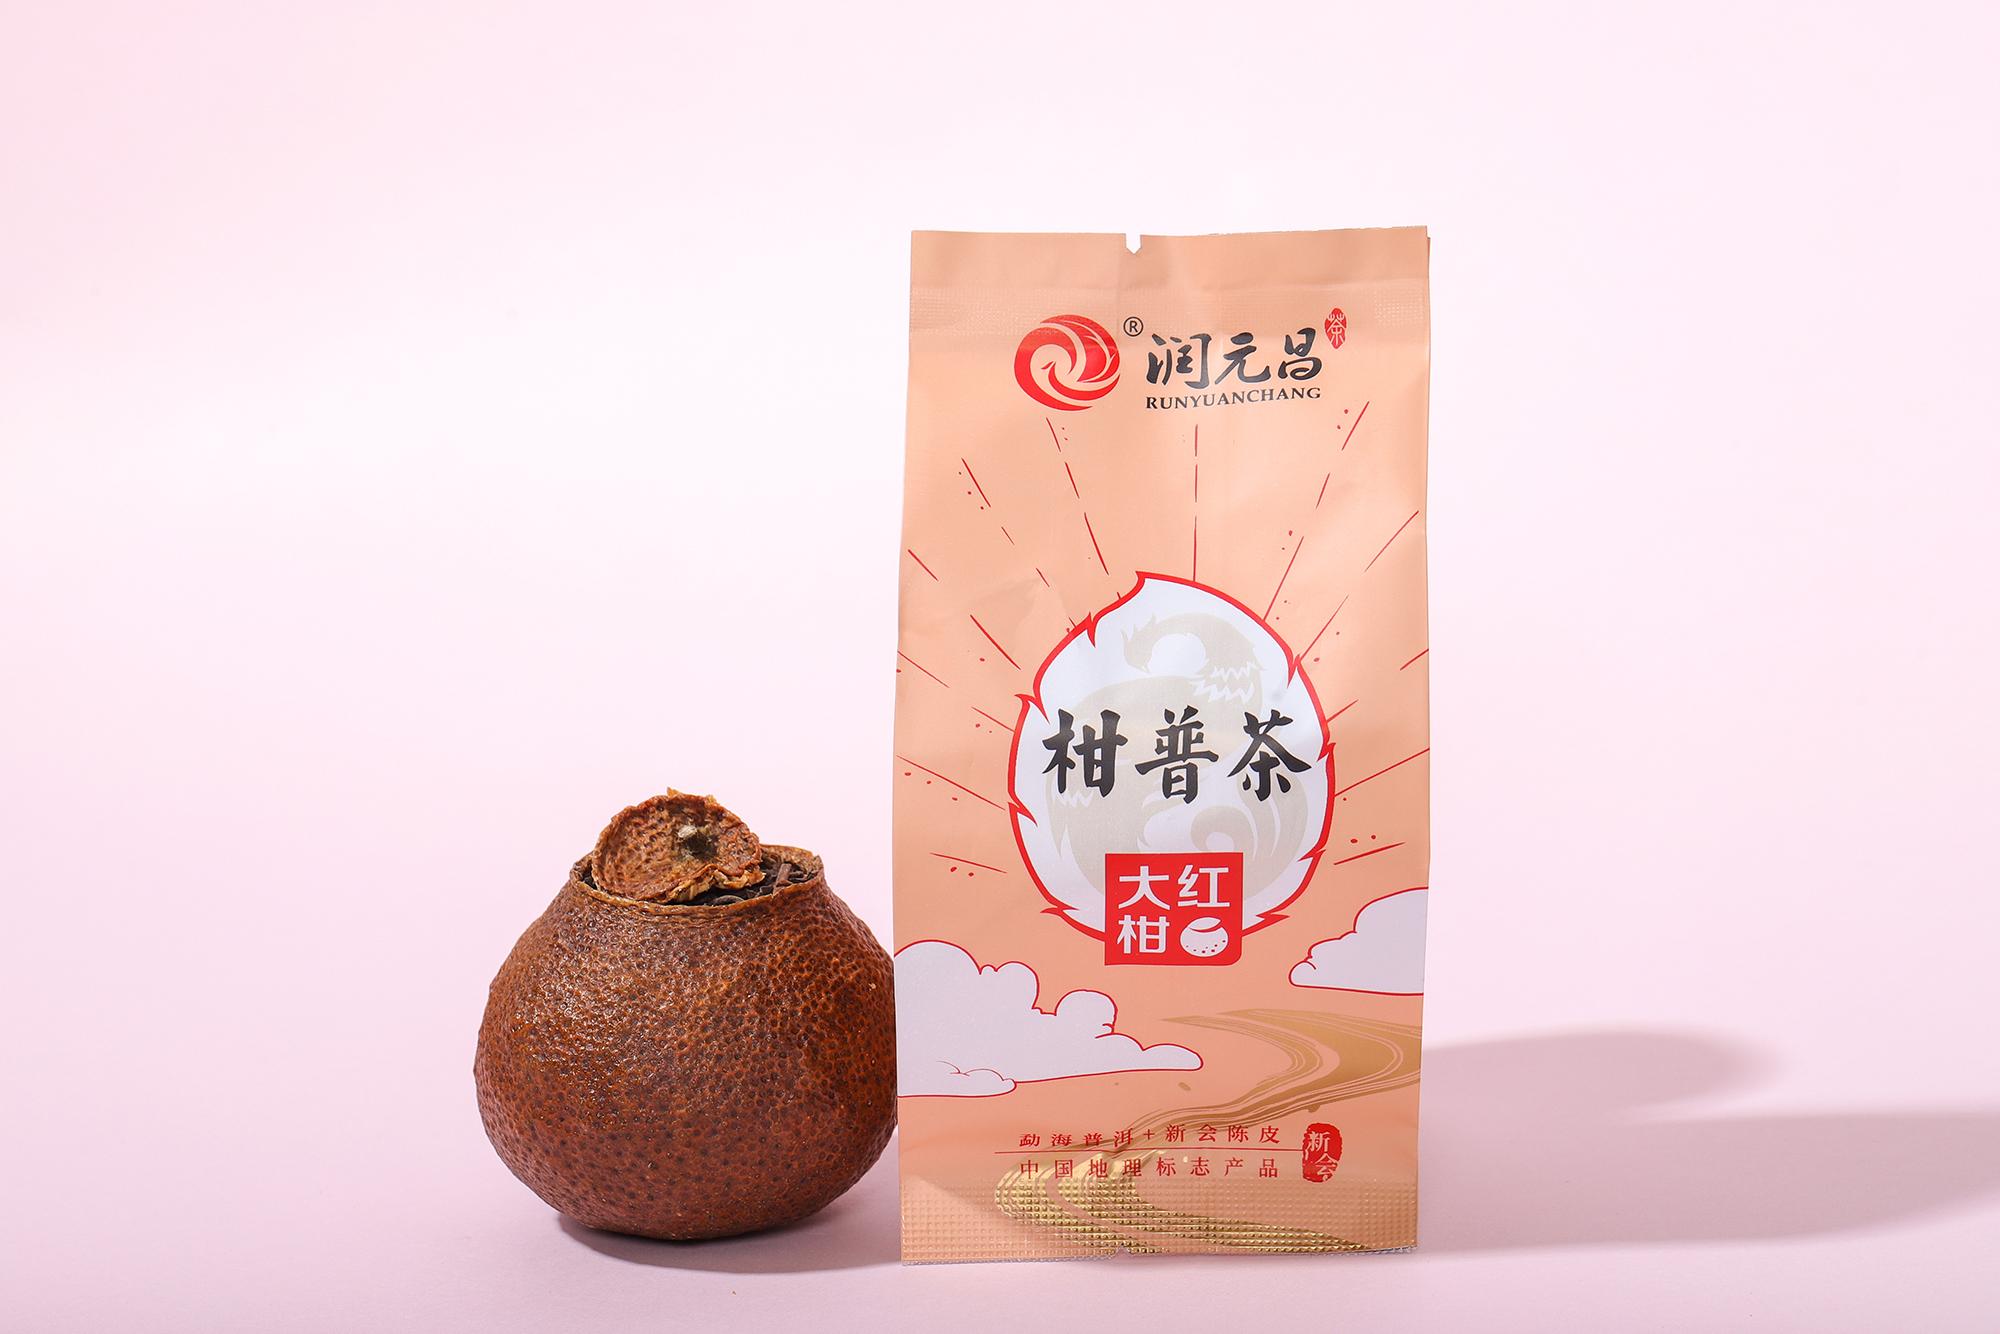 801陈皮丝大红柑-IMG_3698